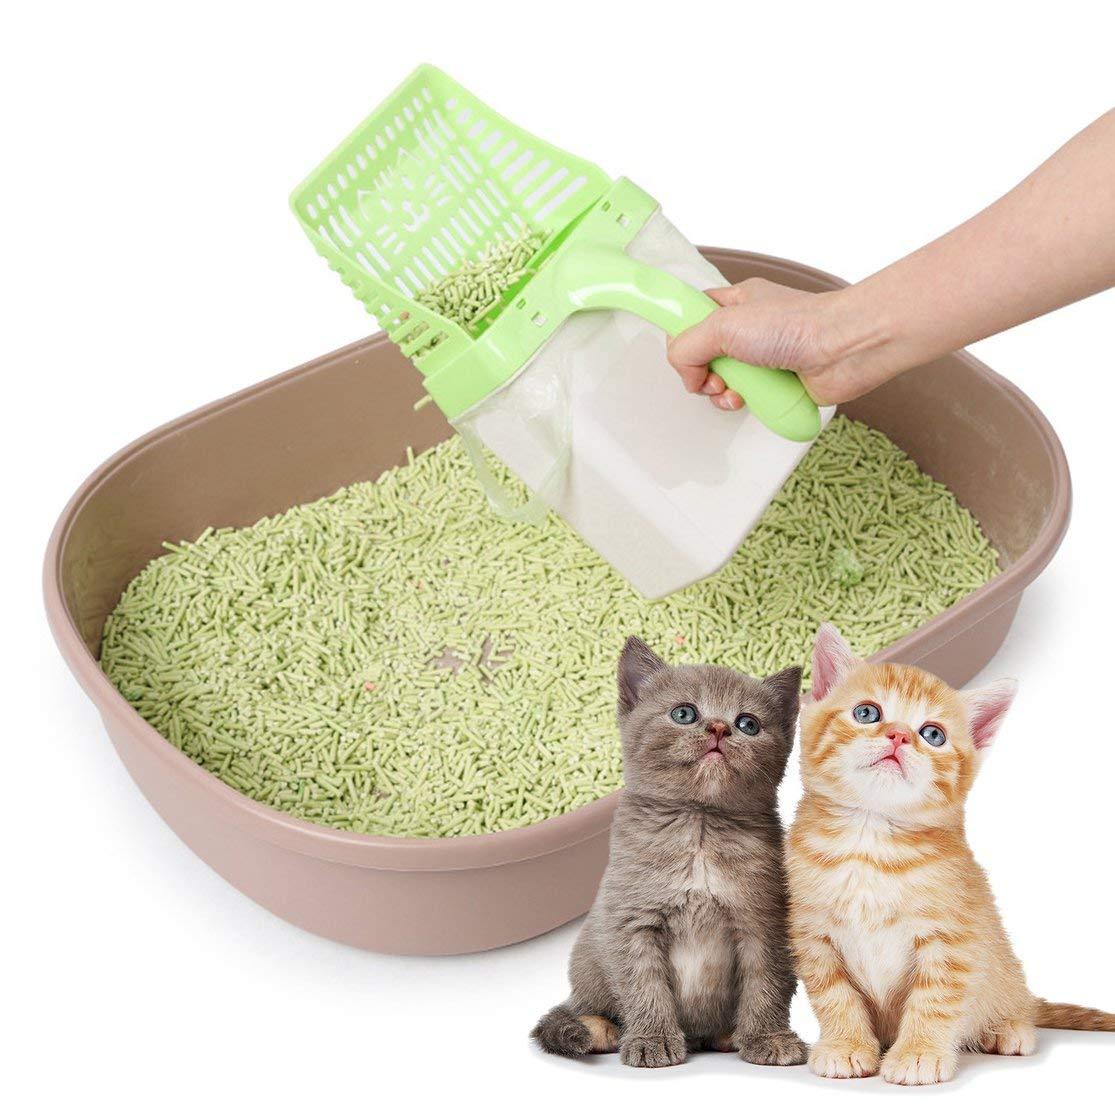 Accessori per Animali Domestici LouiseEvel215 Set di Accessori per la Pulizia della lettiera per Gatti Portatili Semi-Chiusi